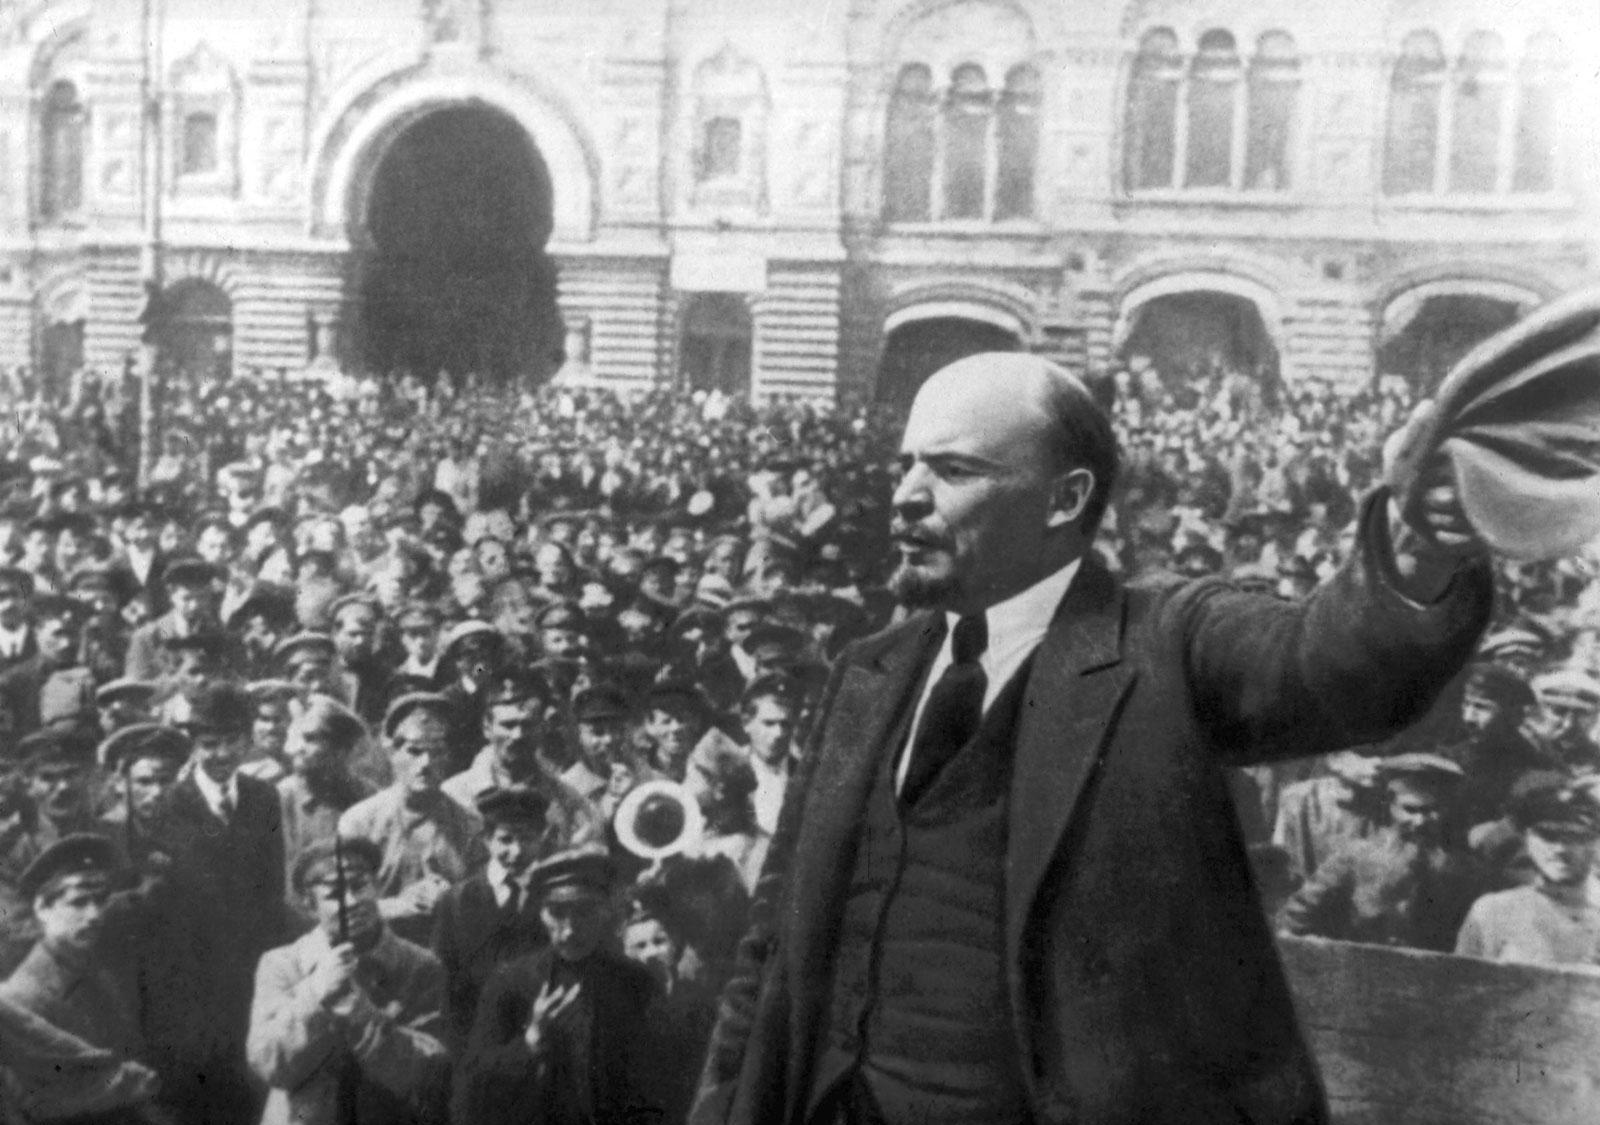 Alle bekymringer blev ødelagt efter oktoberrevolutionen